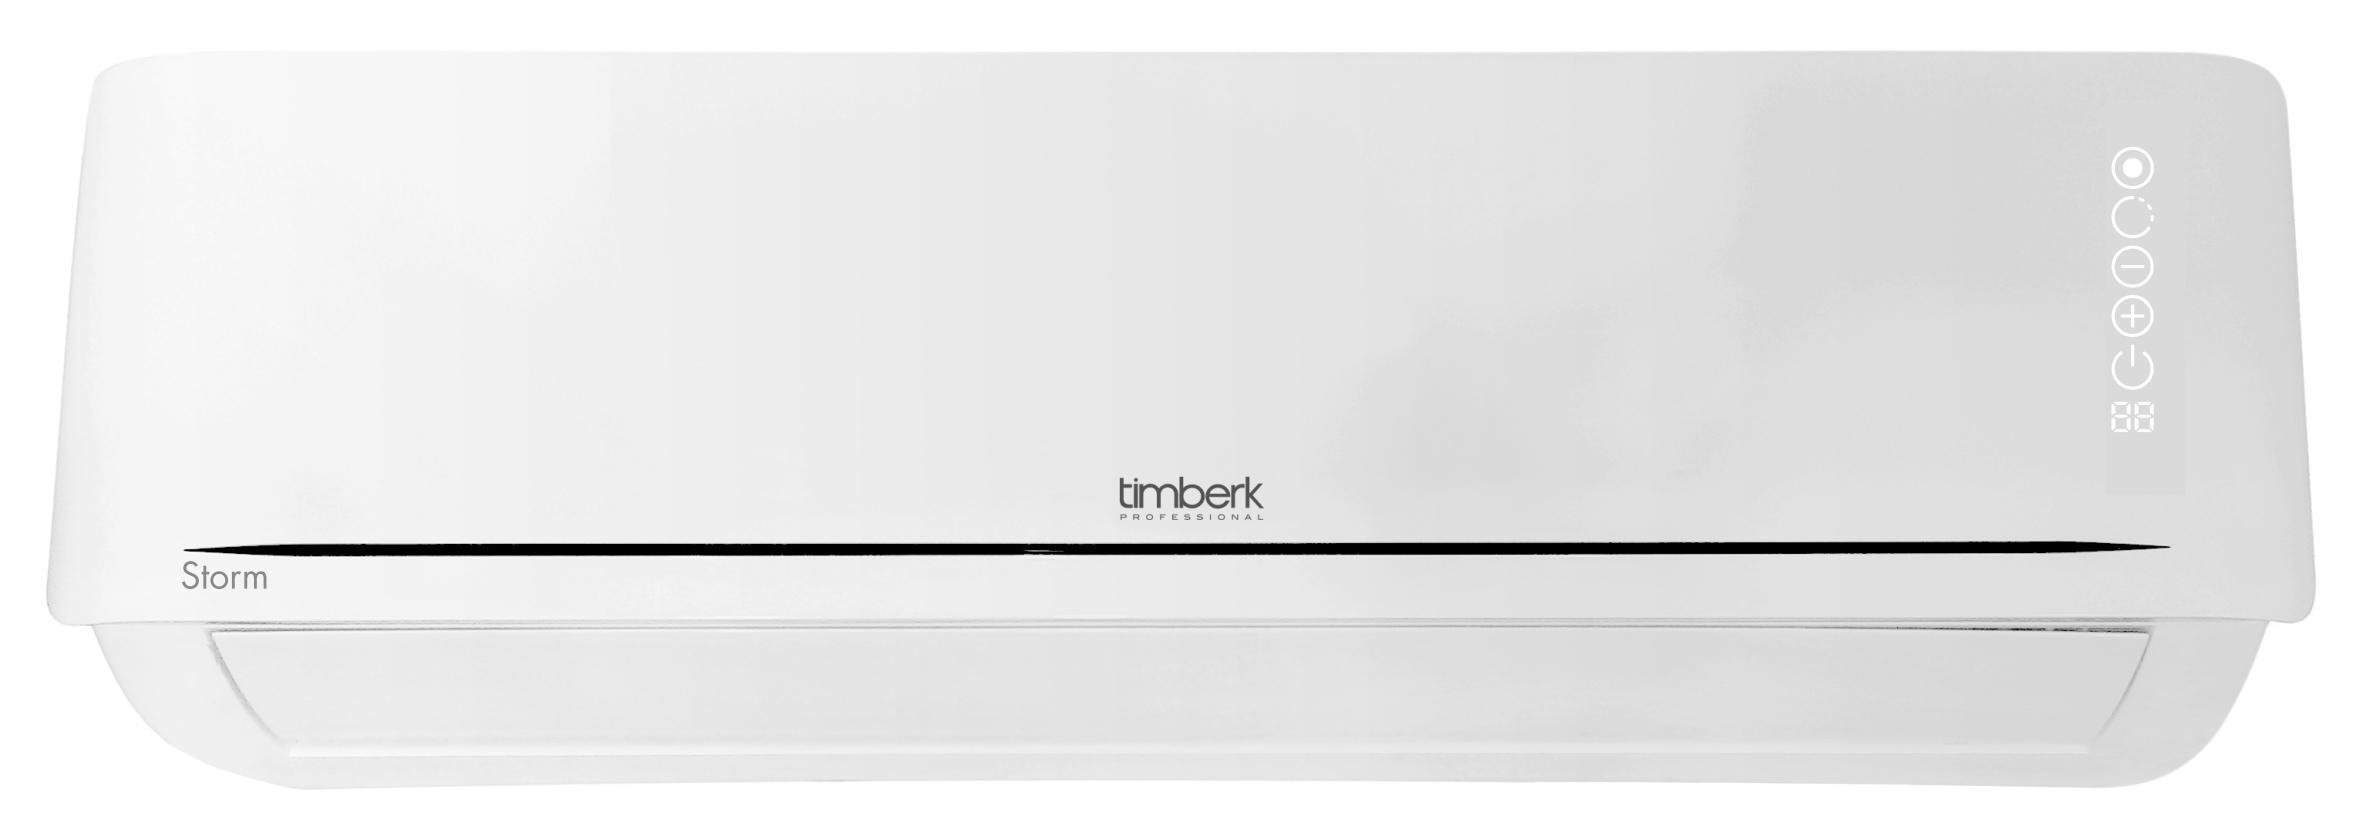 Сплит-система Timberk Ac tim 09h s9 внутренний блок сплит система hyundai h ar21 09h